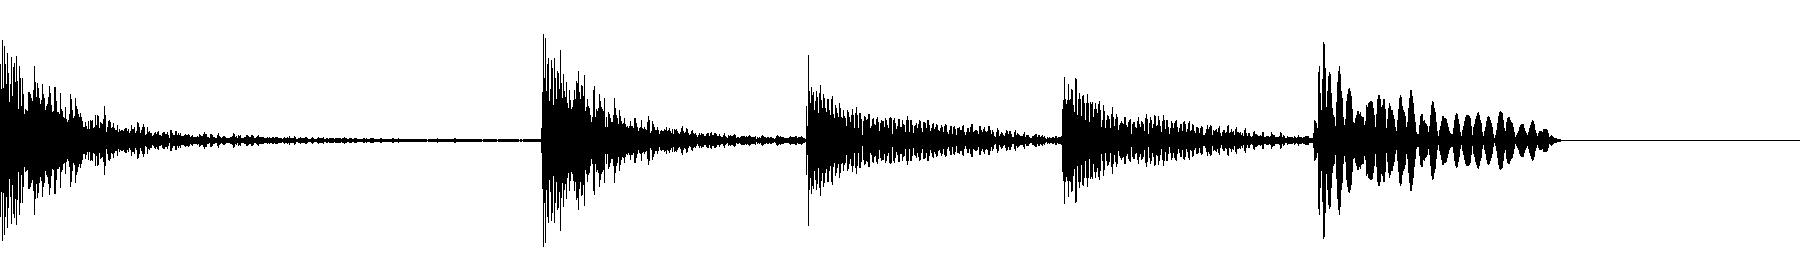 fill4